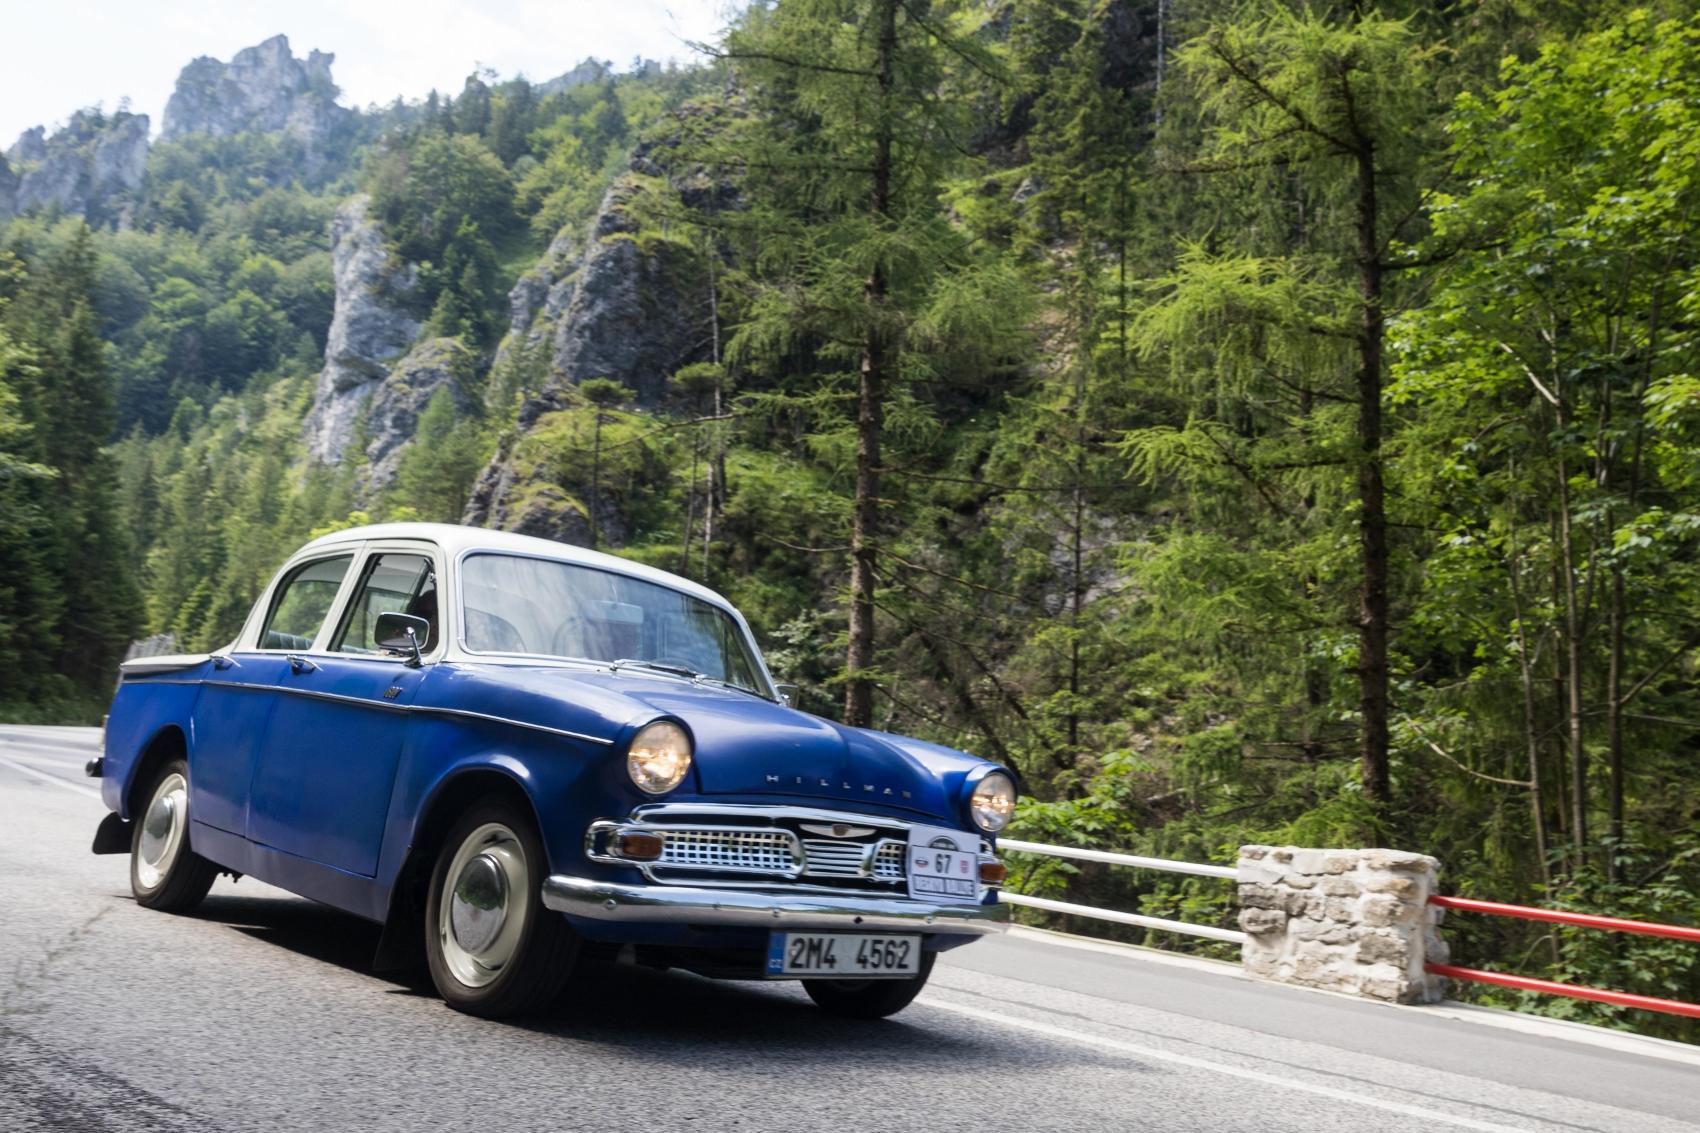 Pozrite si galériu z podujatia Beskyd Rallye – memoriál Ladislava Dlhopolčeka 2020 8W0hSkUl9f turzov